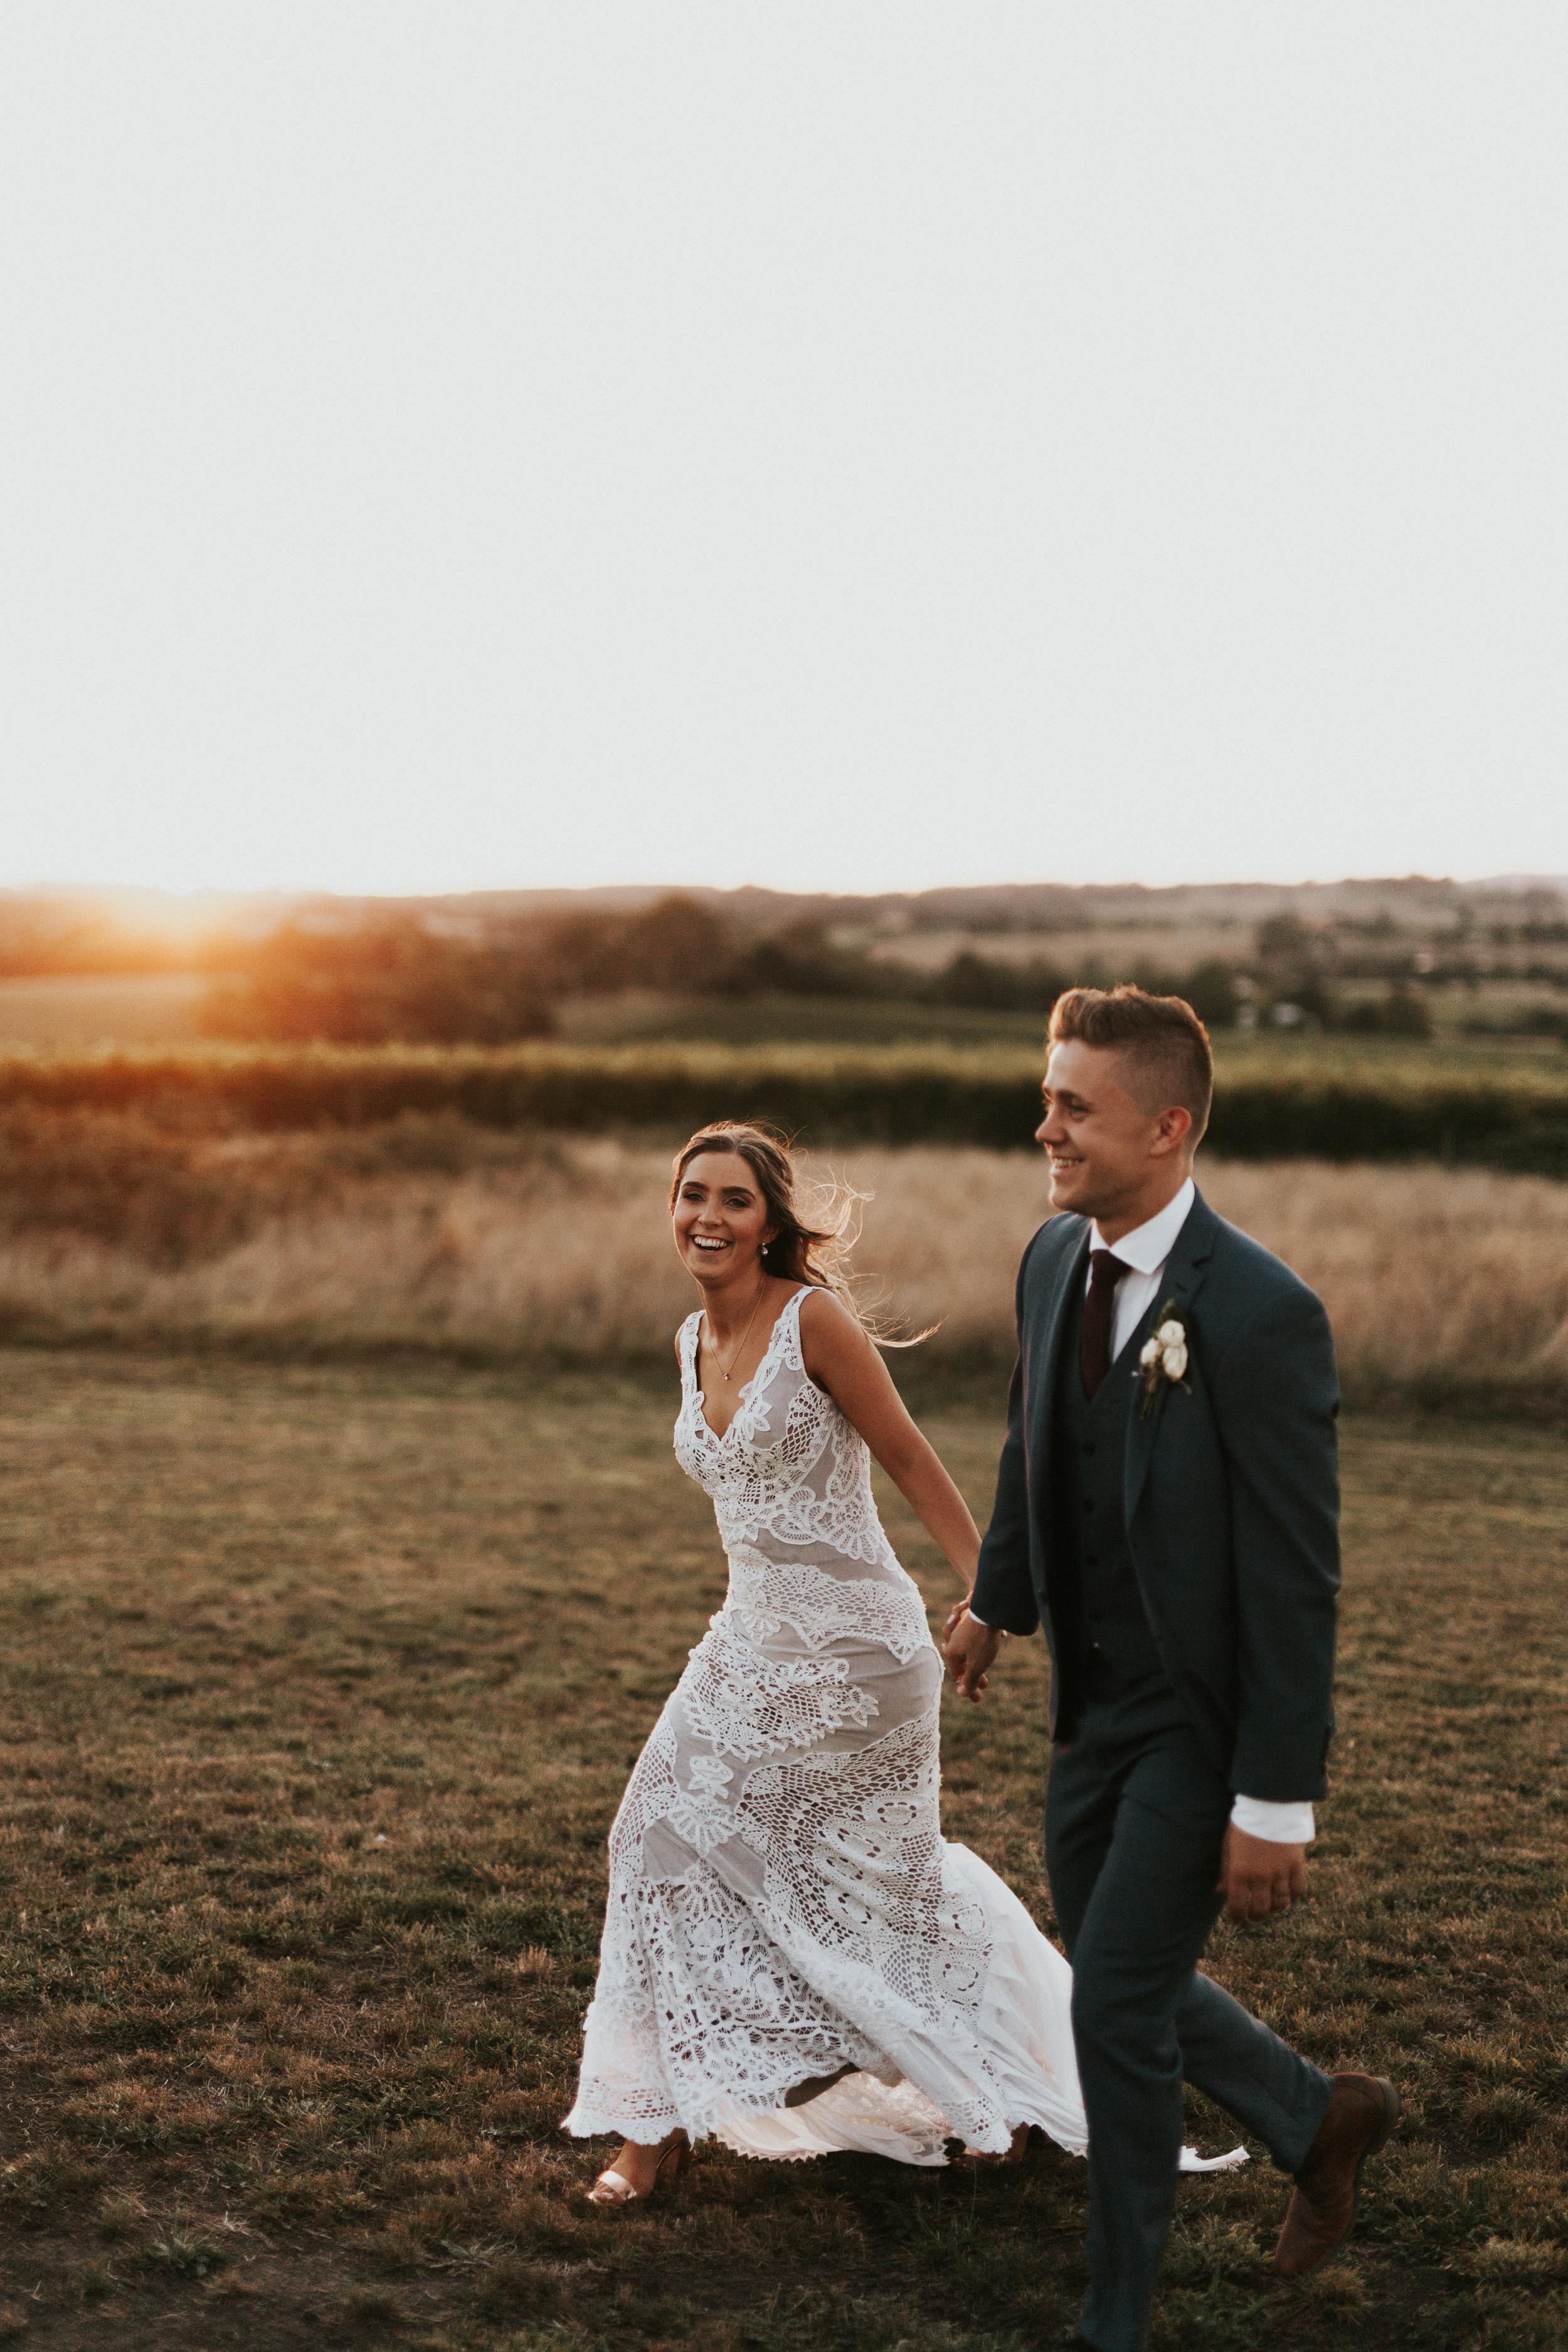 Yarra-Valley-Riverstone-Estate-wedding-032.jpg